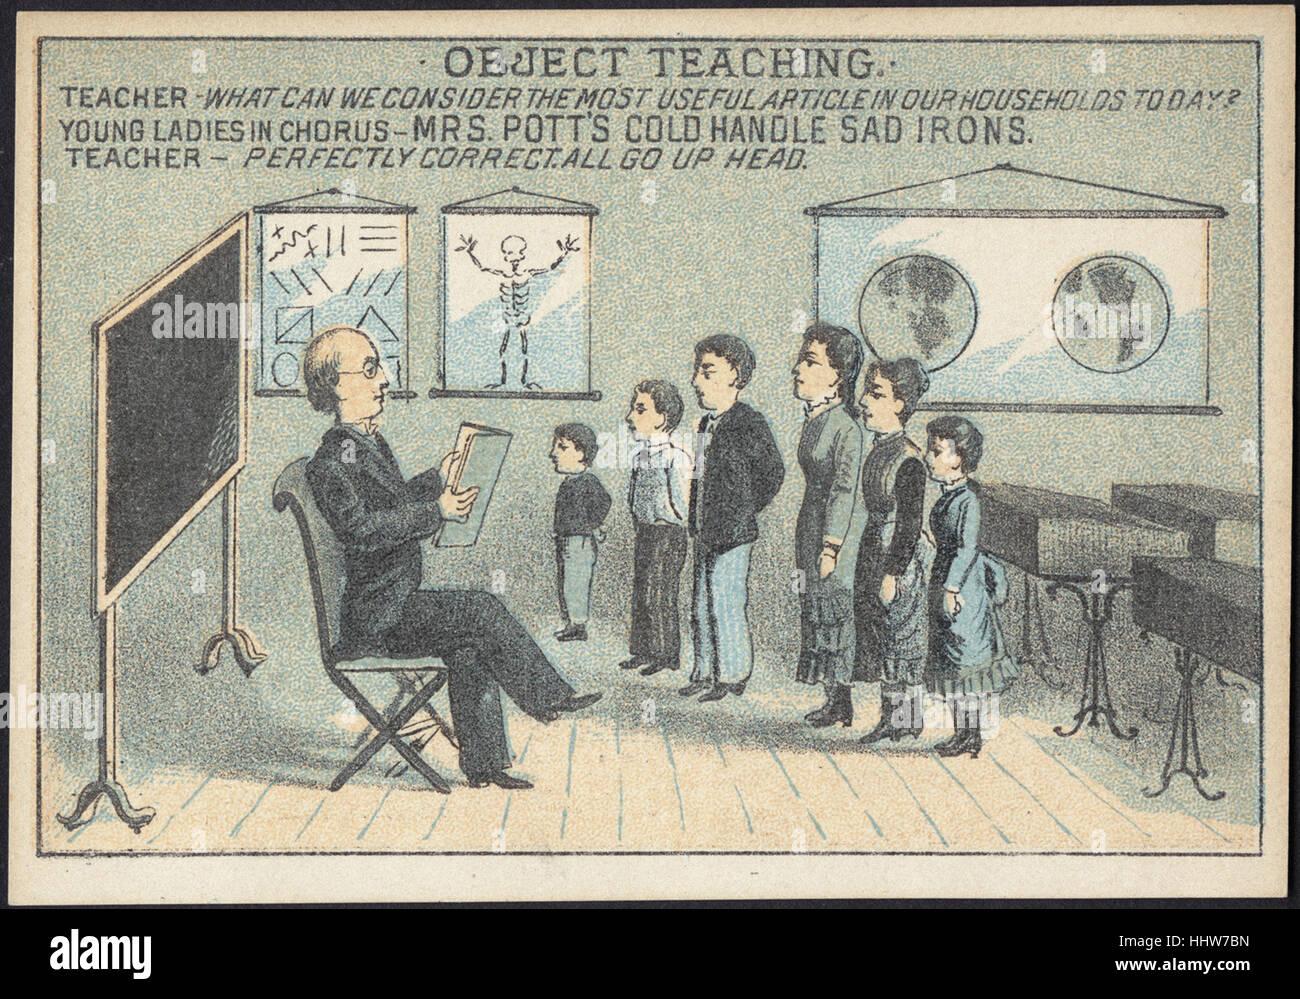 Oggetto di insegnamento. Maestro - cosa possiamo considerare il più utile articolo nelle nostre famiglie oggi Immagini Stock